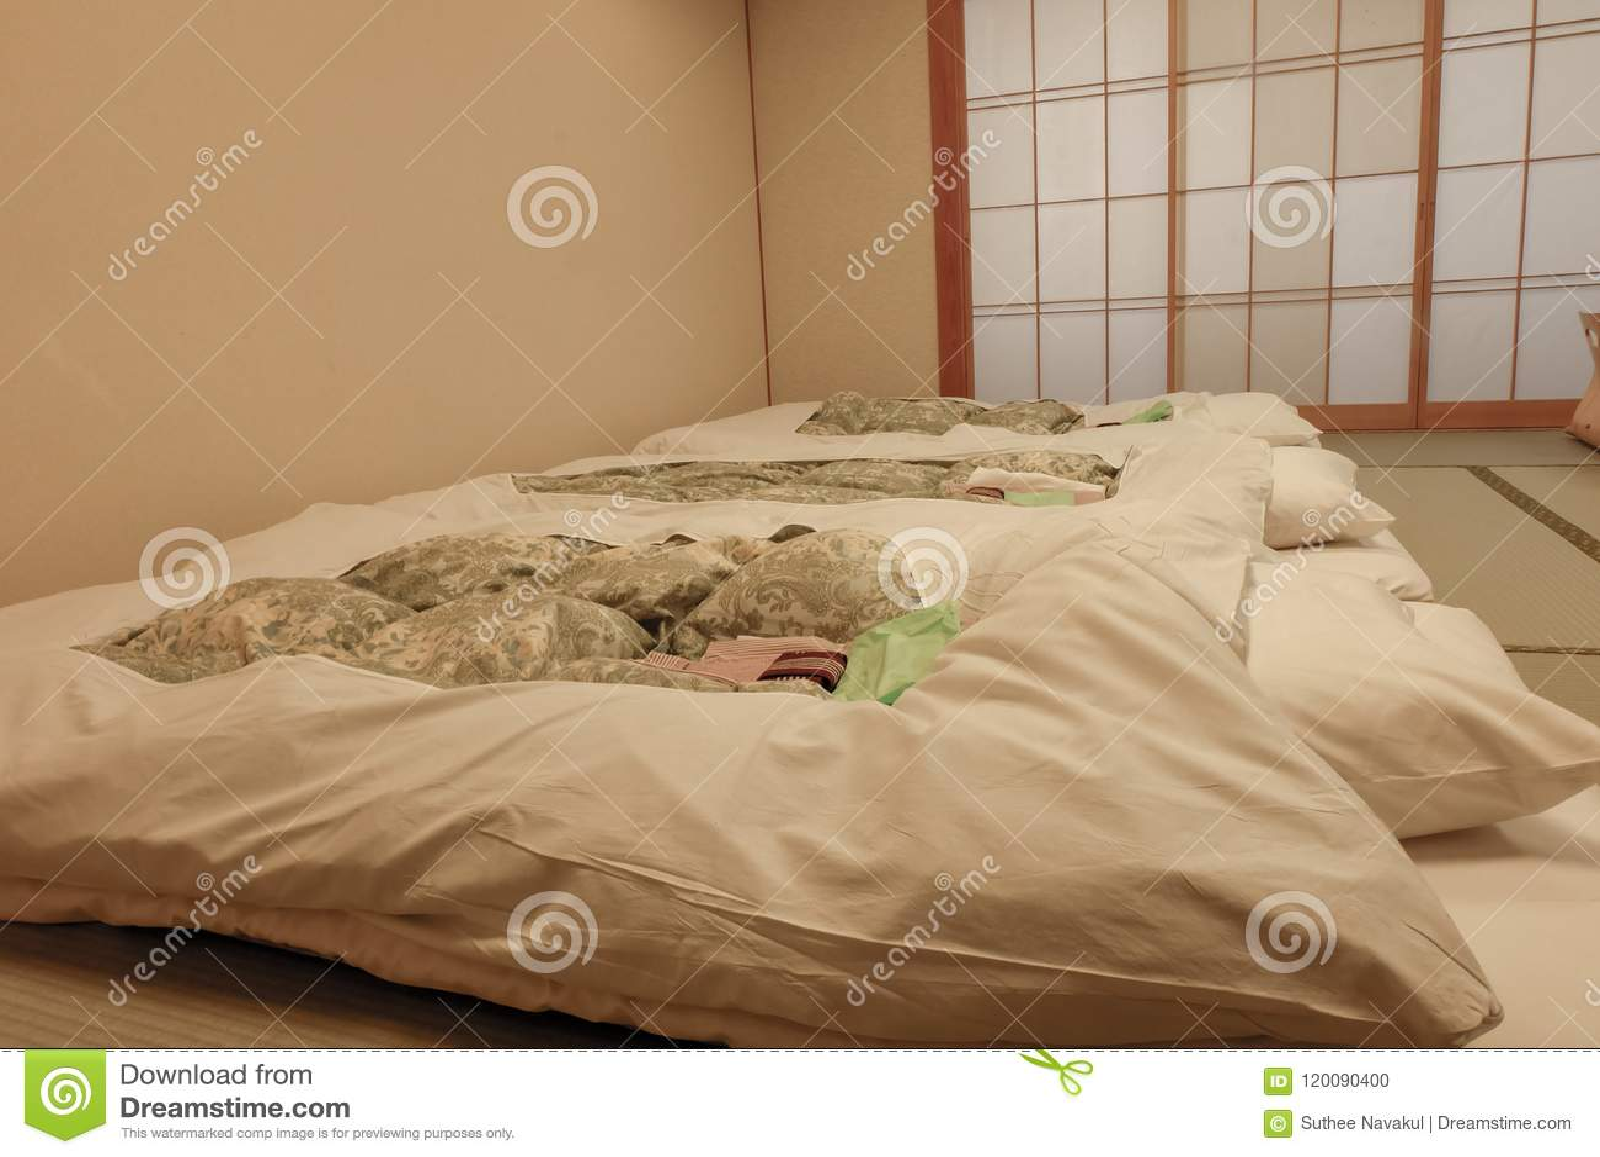 Camere Da Letto Tradizionali : Camera da letto del giapponese di vecchio stile camera da letto